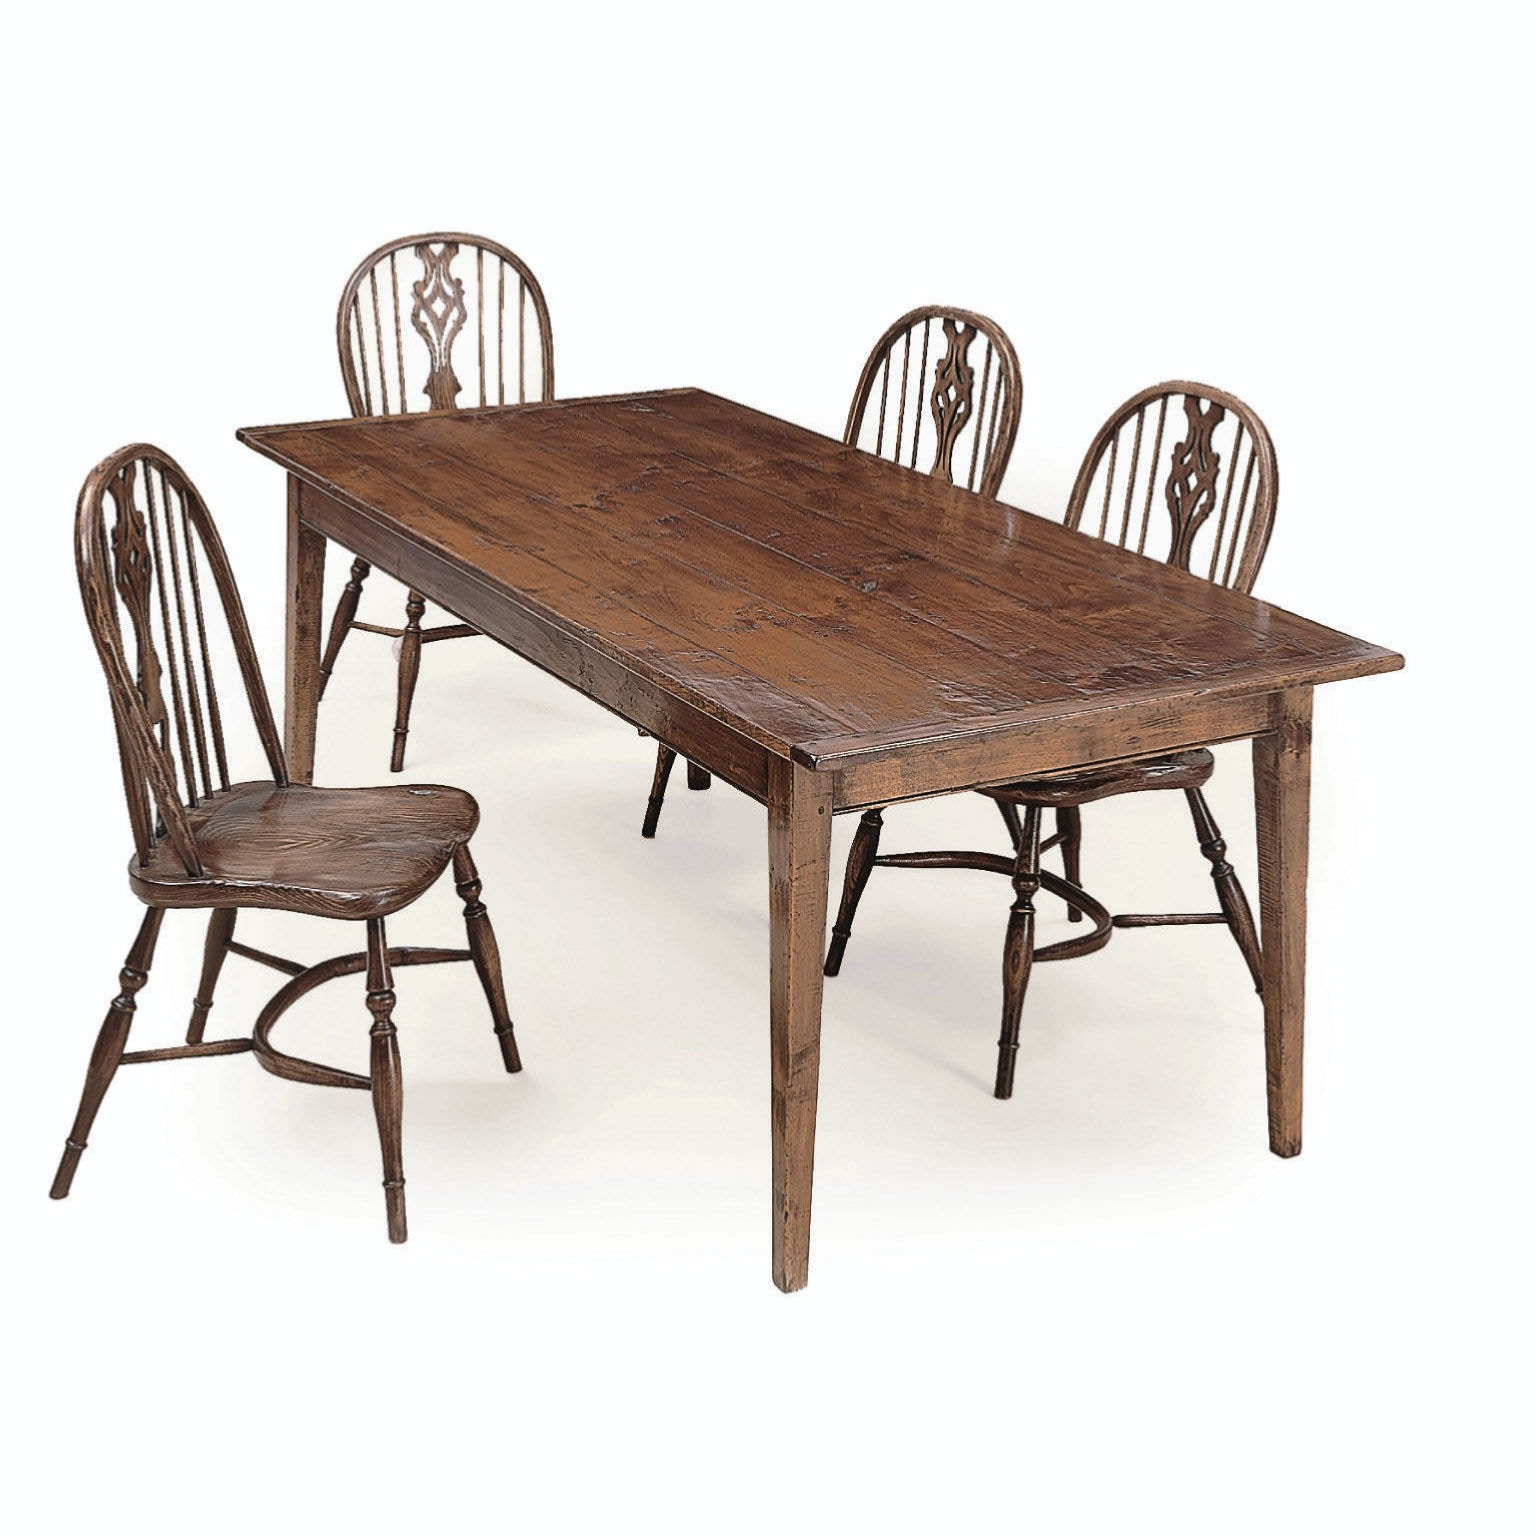 Holland U0026 Co French Farm Table 2101